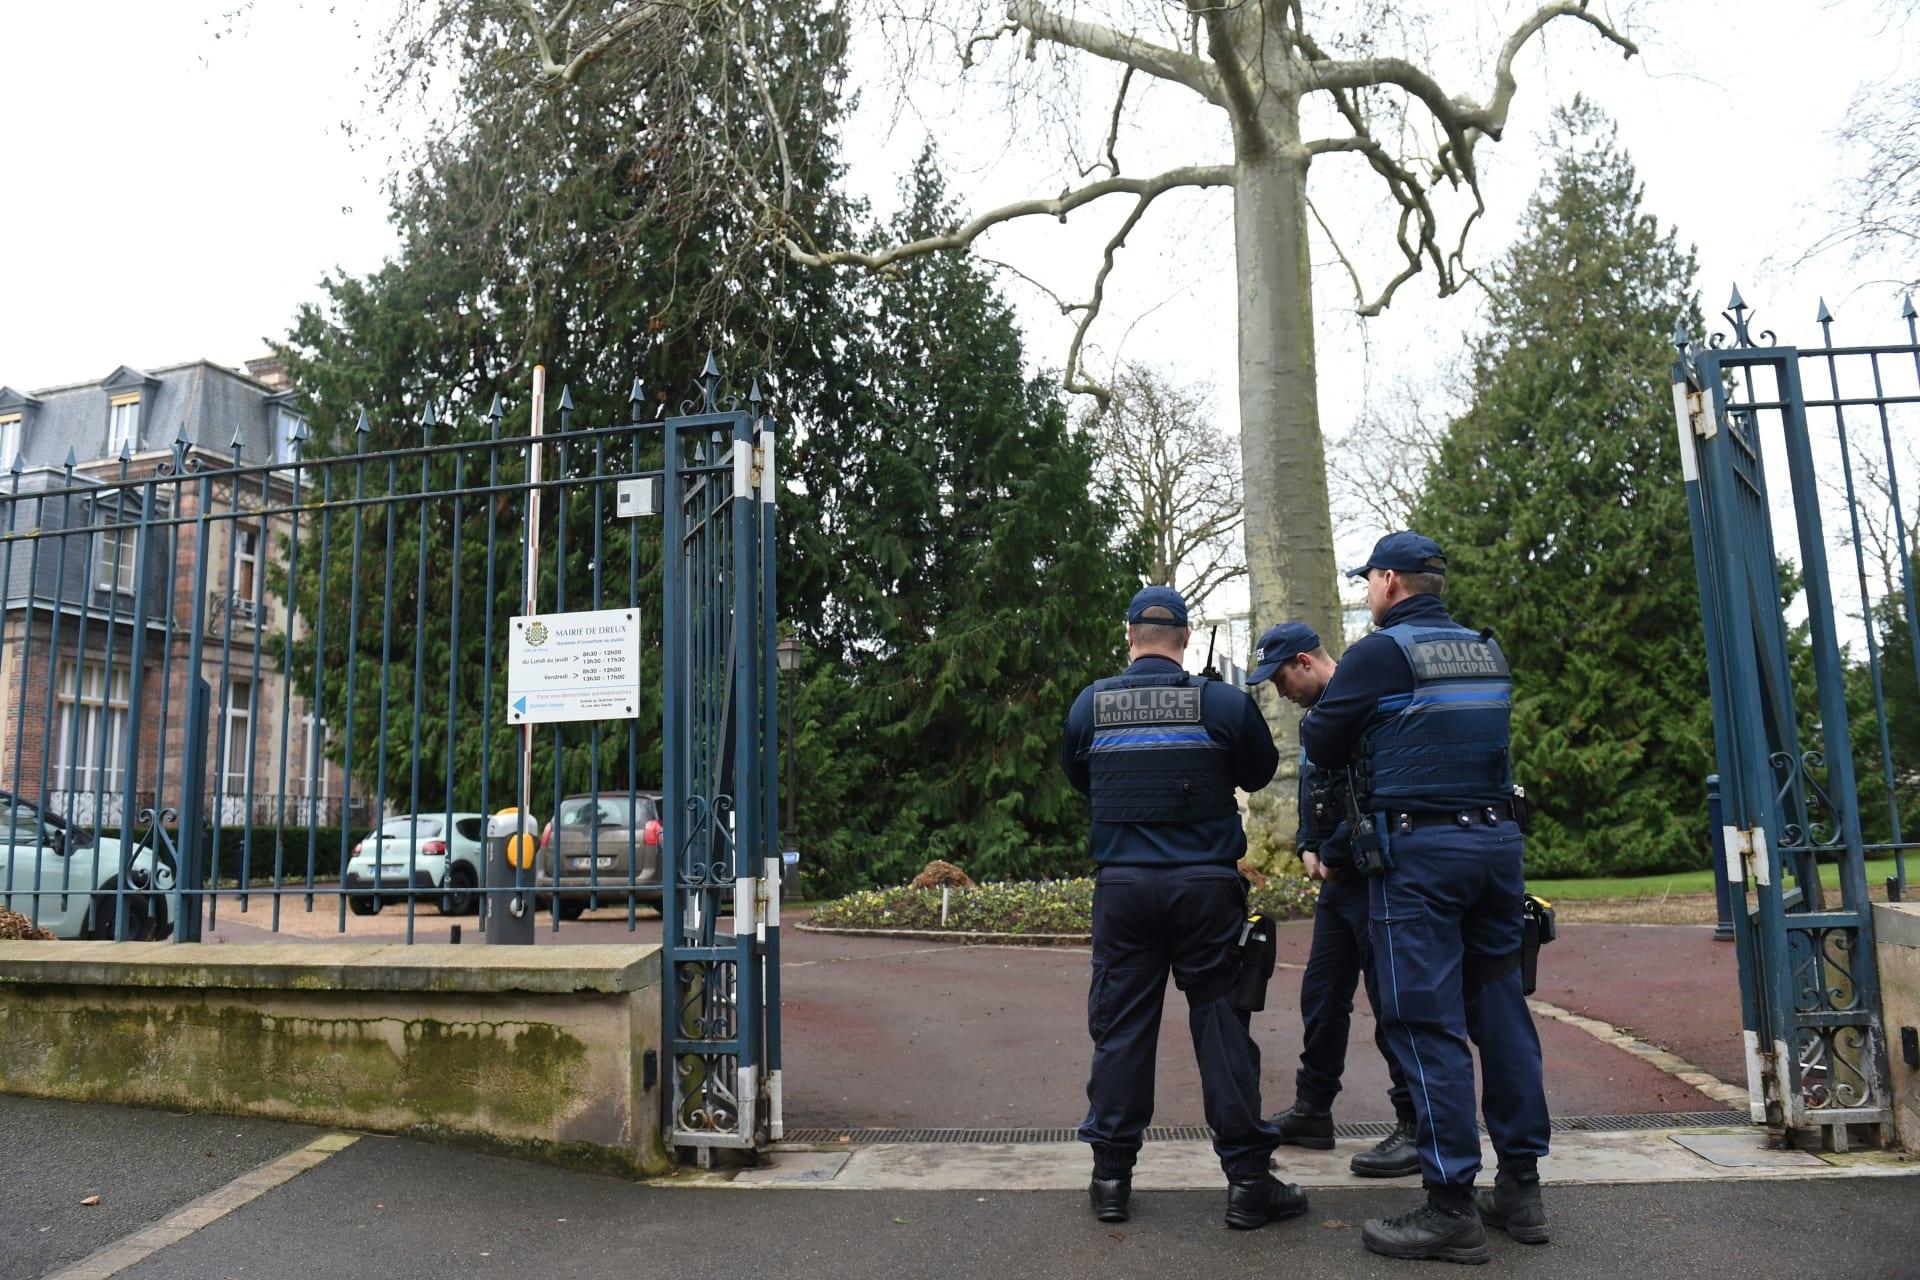 أربعة جرحى في حادث طعن بحديقة جنوب باريس